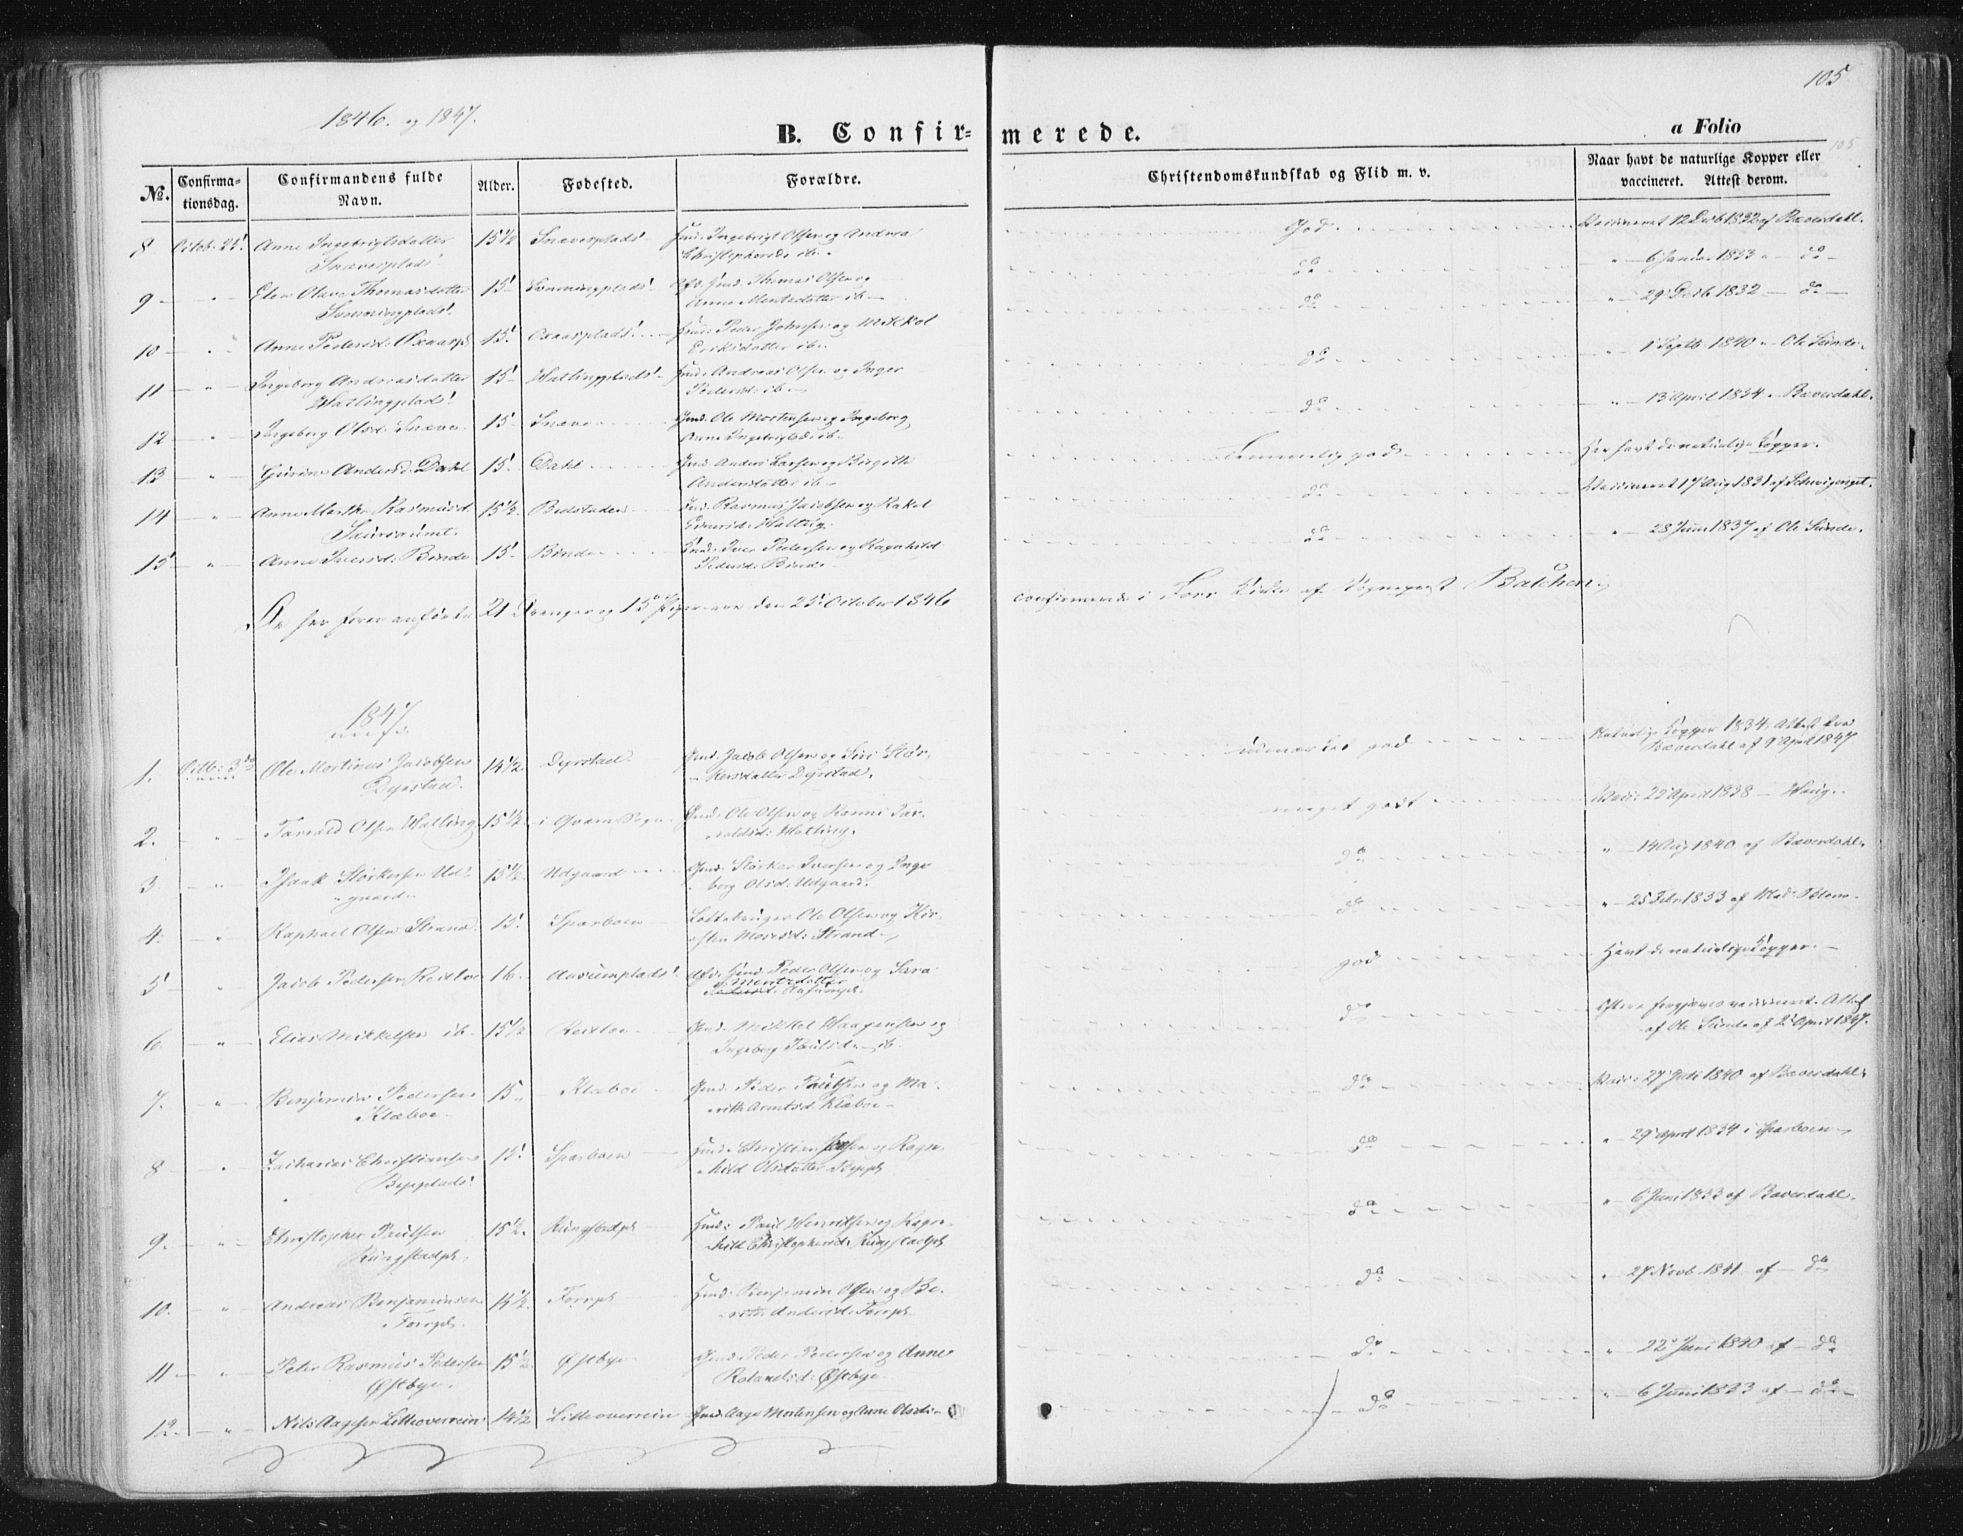 SAT, Ministerialprotokoller, klokkerbøker og fødselsregistre - Nord-Trøndelag, 746/L0446: Ministerialbok nr. 746A05, 1846-1859, s. 105